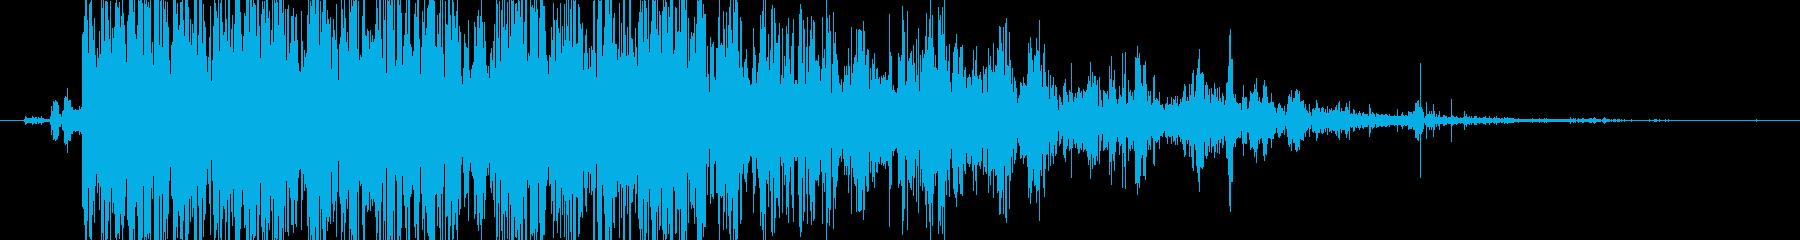 ロック 大きなロールドロップ02の再生済みの波形